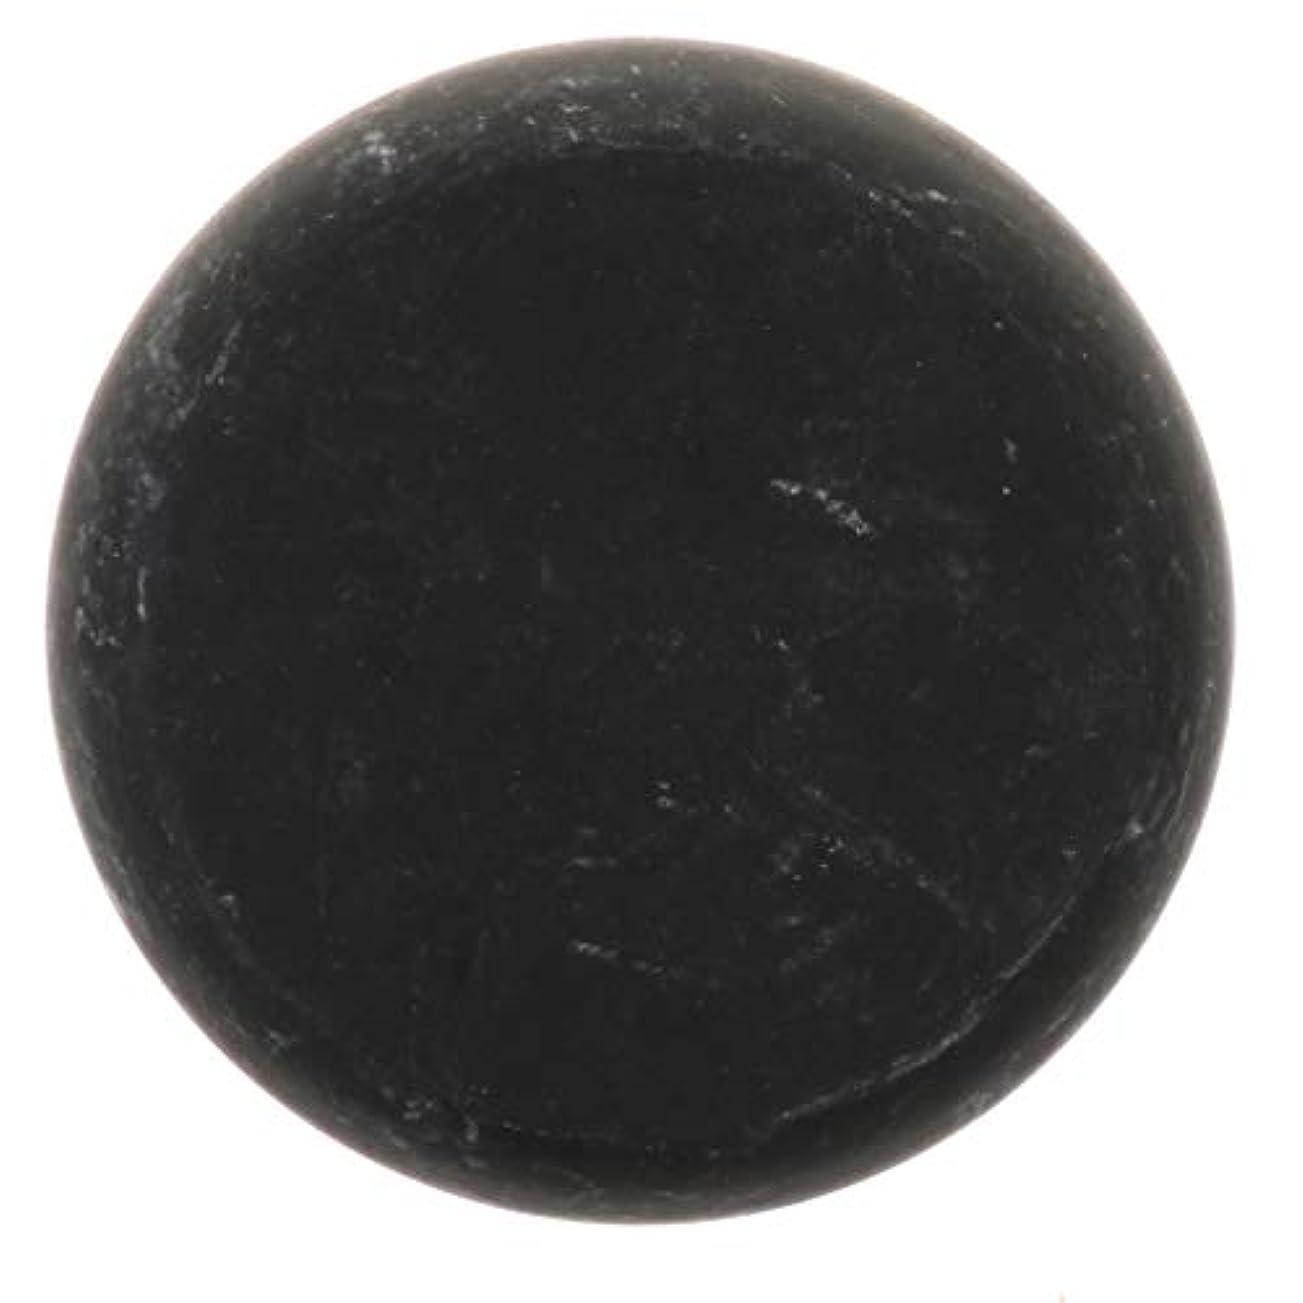 コイル百年プーノ天然石ホットストーン マッサージ用玄武岩 マッサージストーン ボディマッサージ 実用的 全2サイズ - ブラック, 01